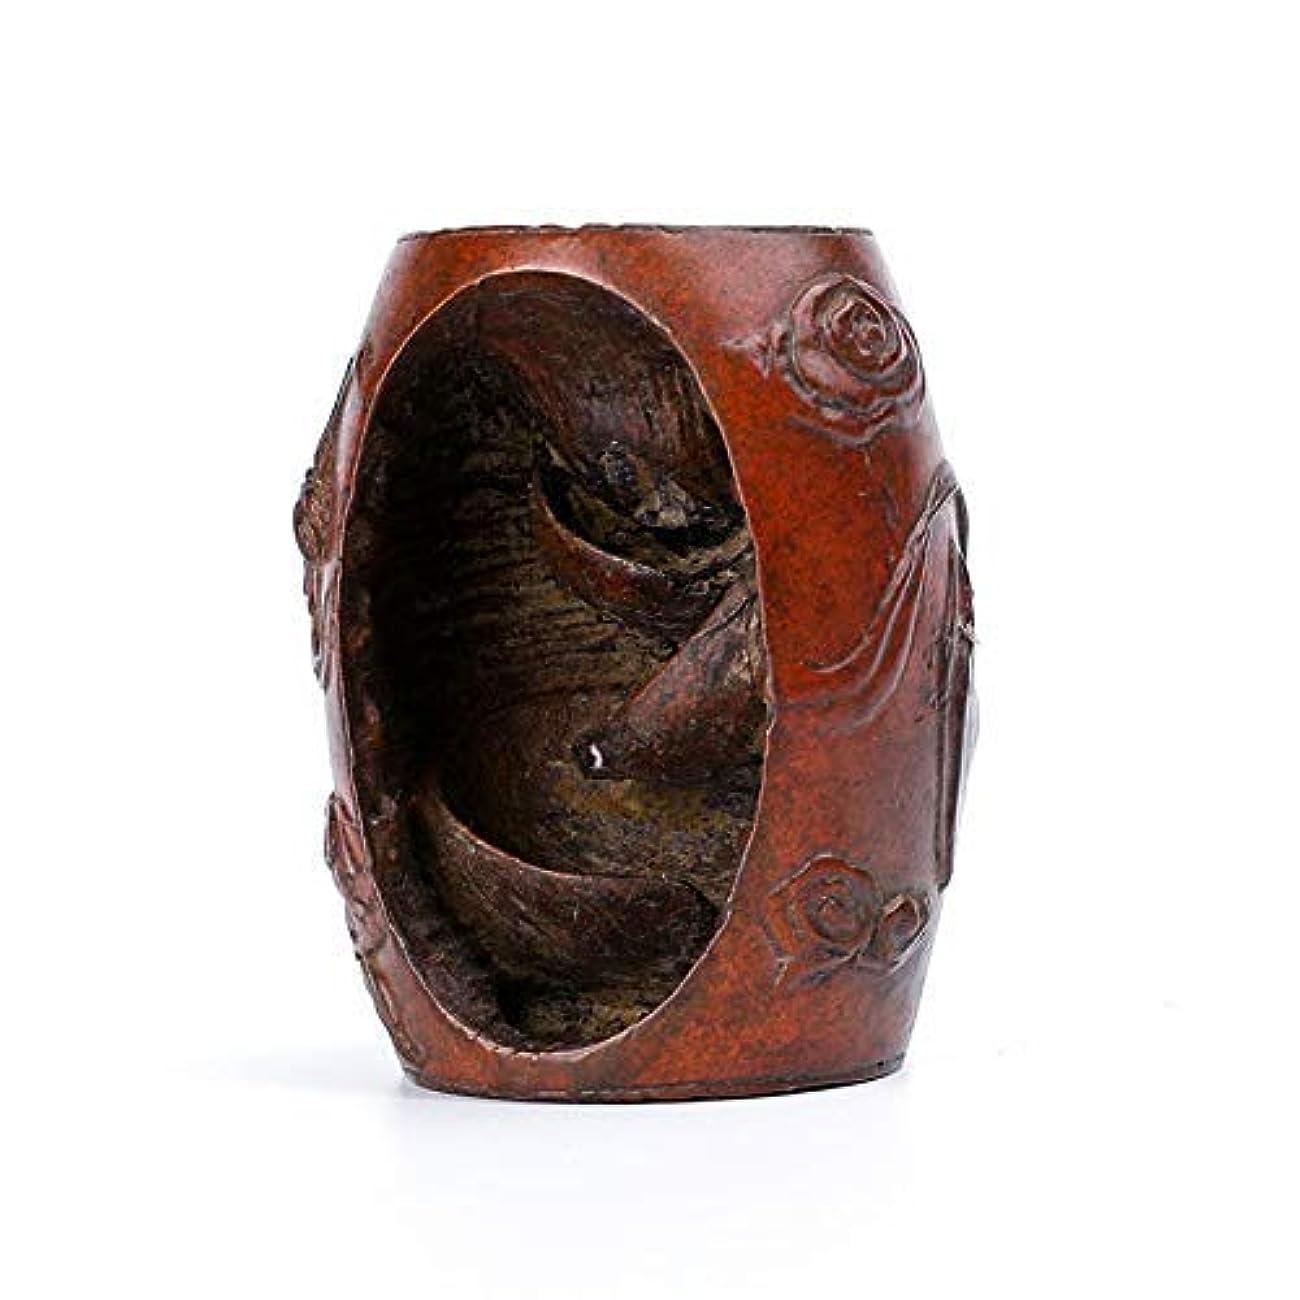 フレットひねり台風PHILOGOD 香炉 真鍮クリエイティブスタイリング逆流香 倒流香 仏壇用香立て 香皿